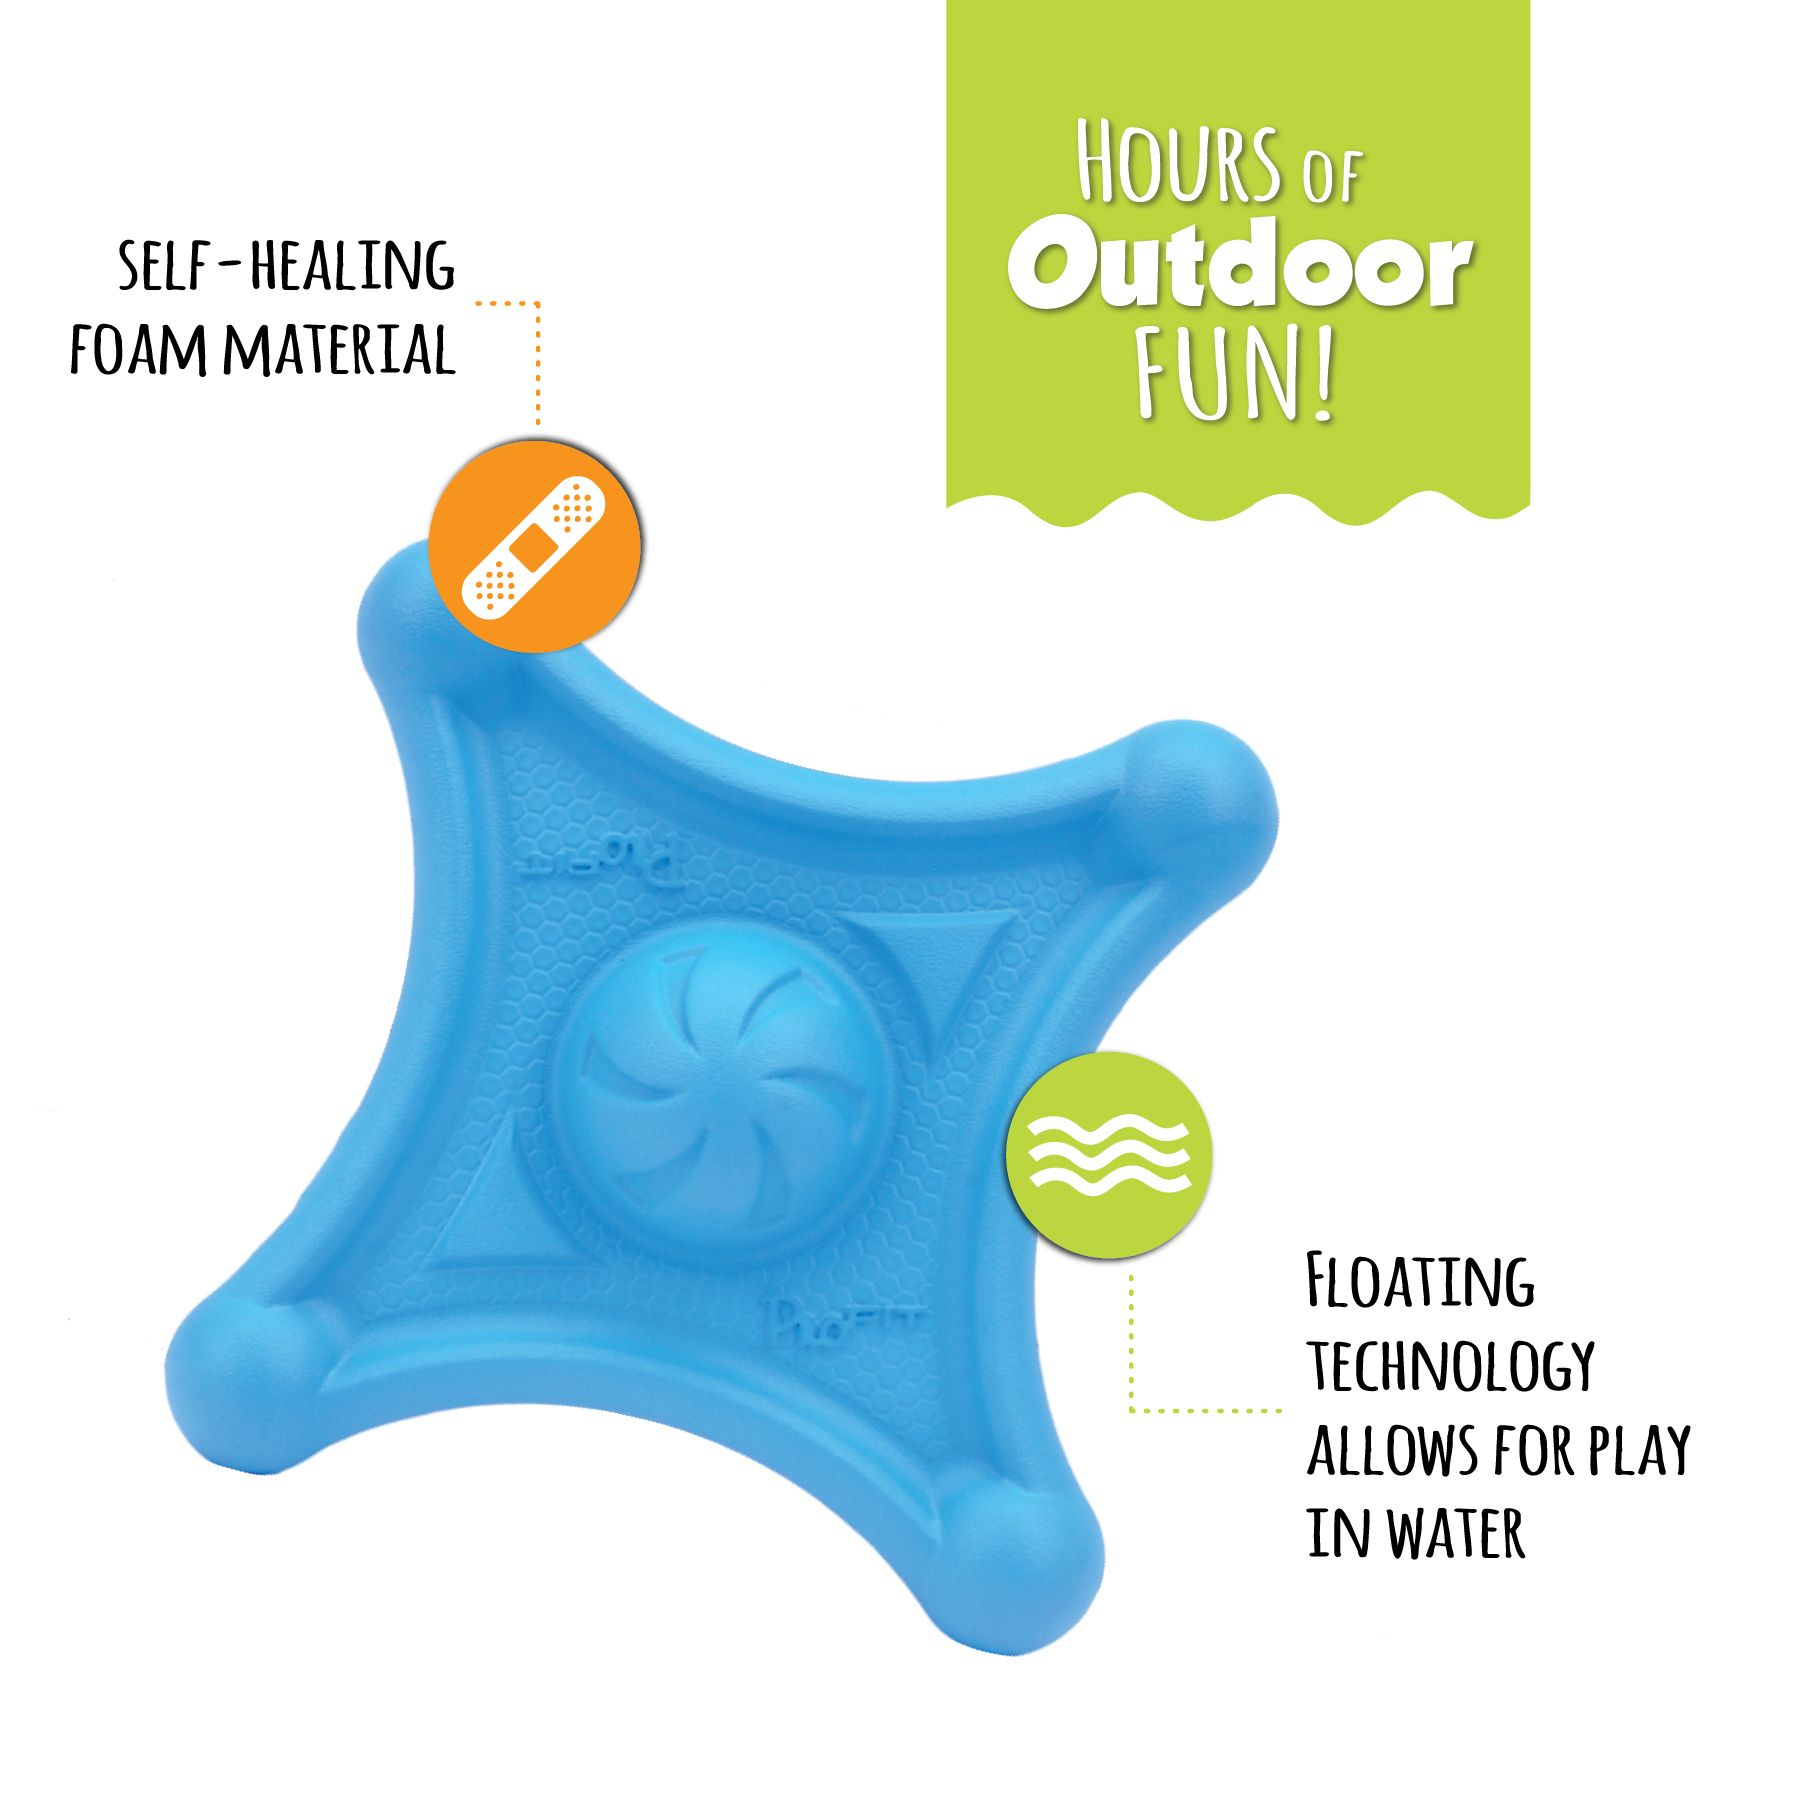 Pro™Fit Foam Toy Flying Jack